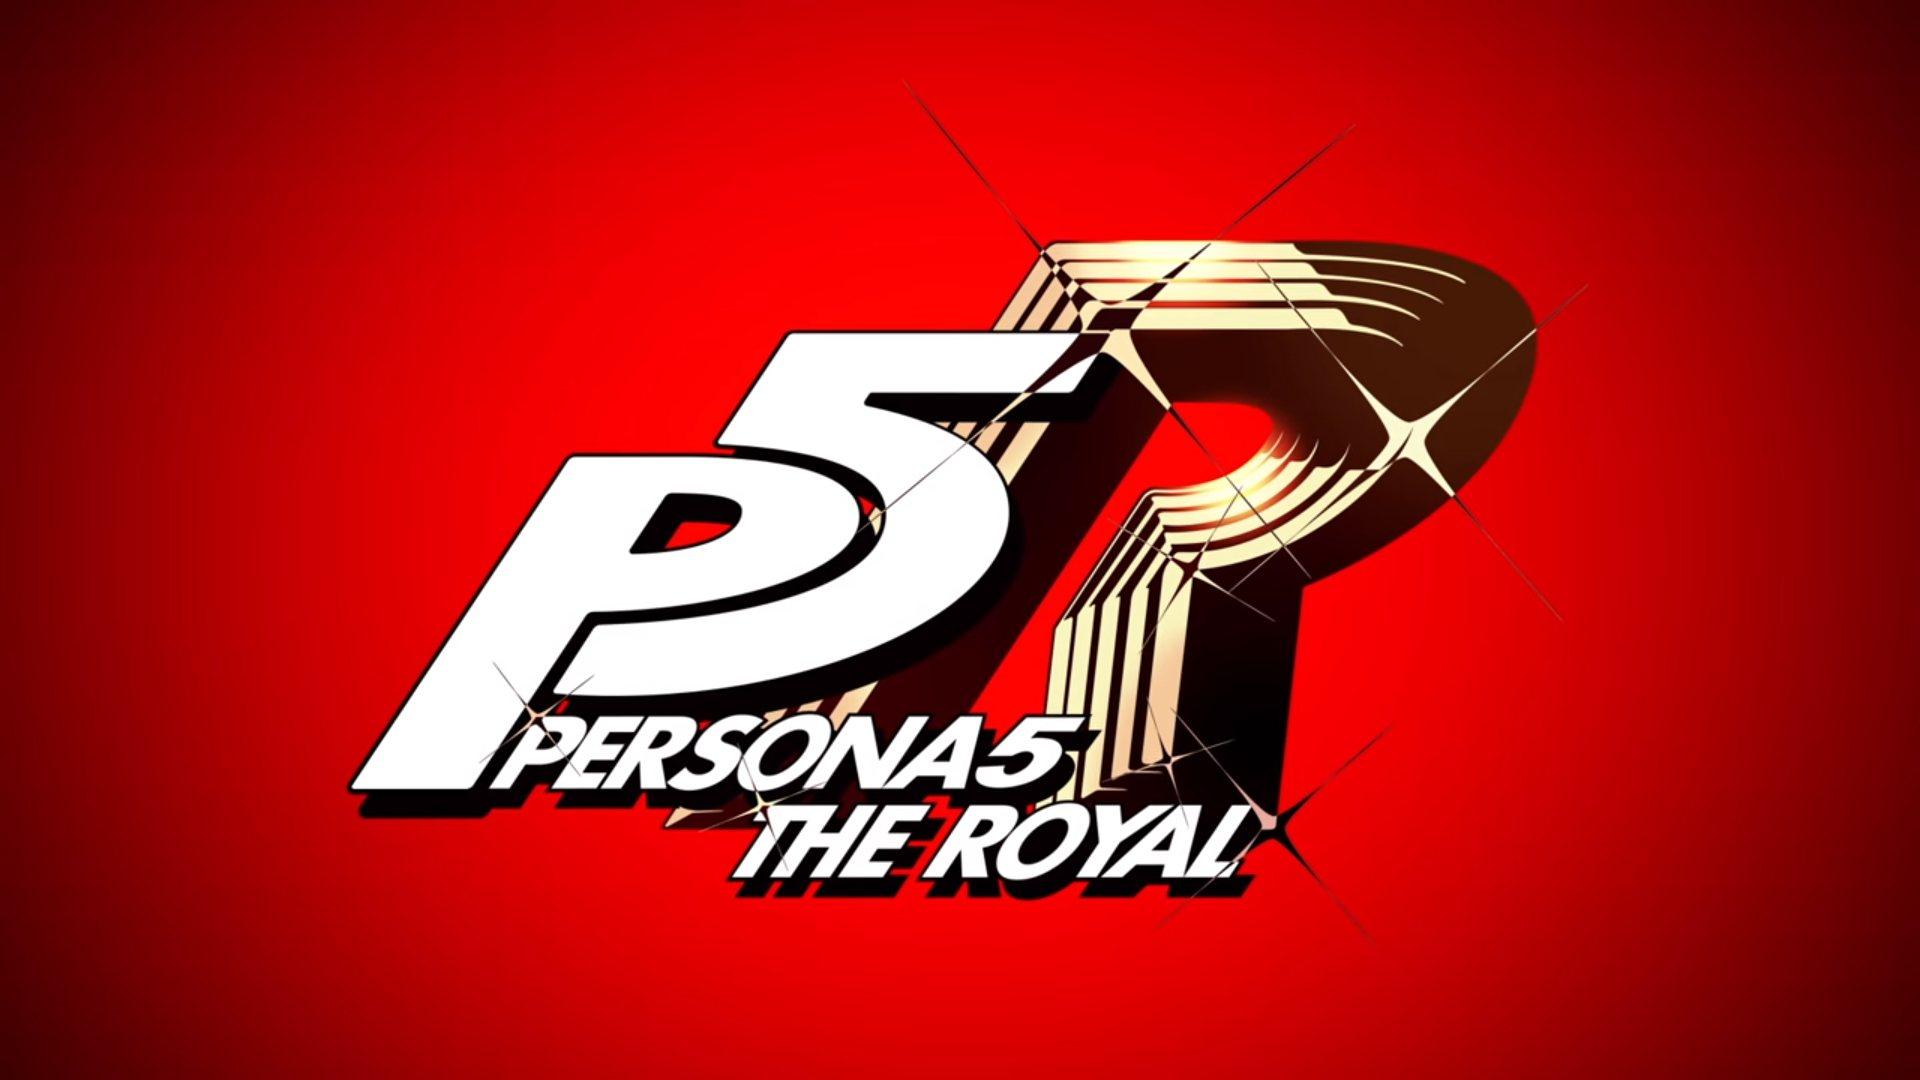 بازهی زمانی انتشار نسخهی غربی Persona 5 Royal مشخص شد